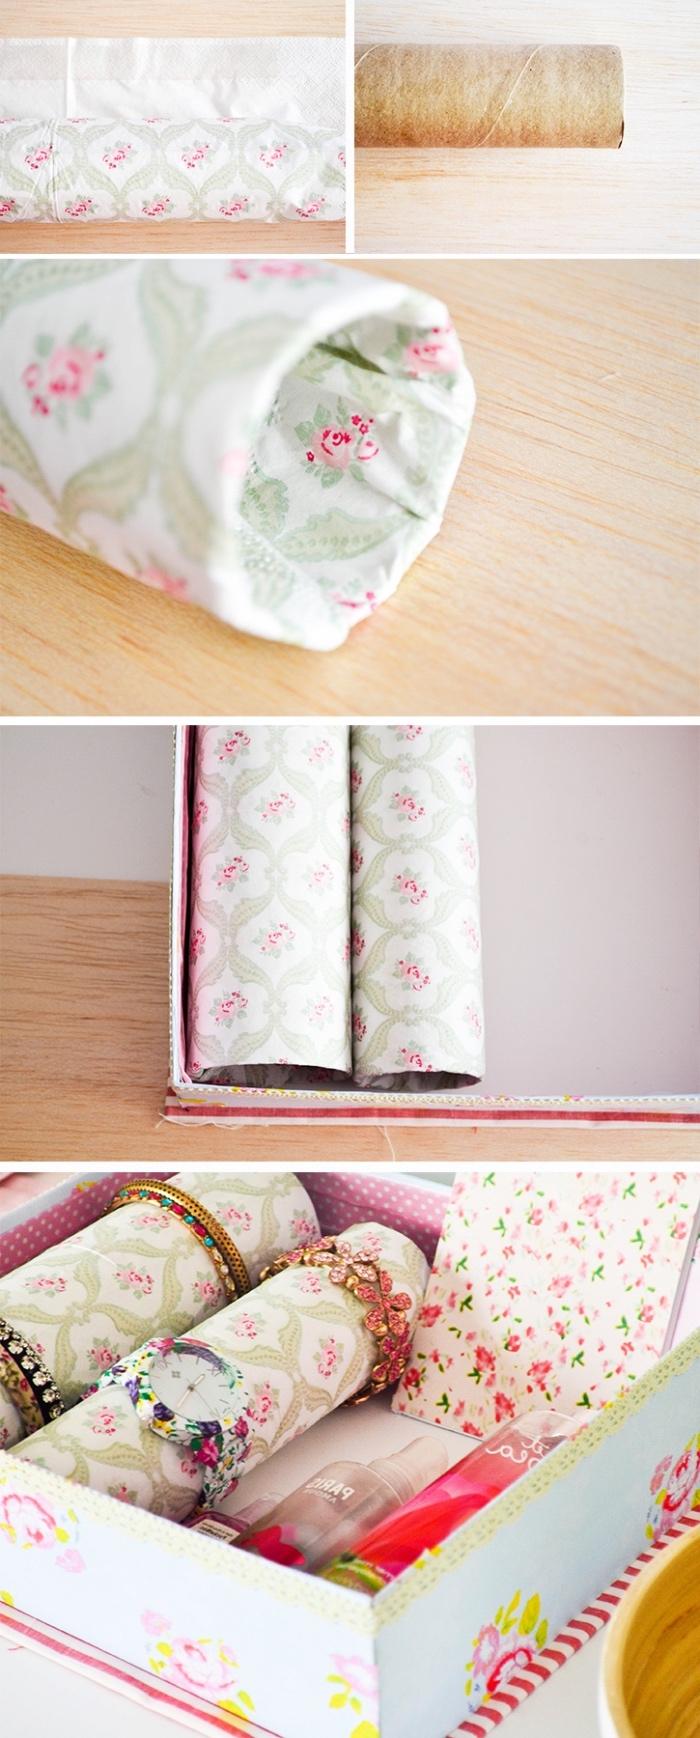 idée de diy rangement en rouleaux de papier essui tout, décorés de papier coloré, dans une boite vintage, idée organisation bijoux, bracelets